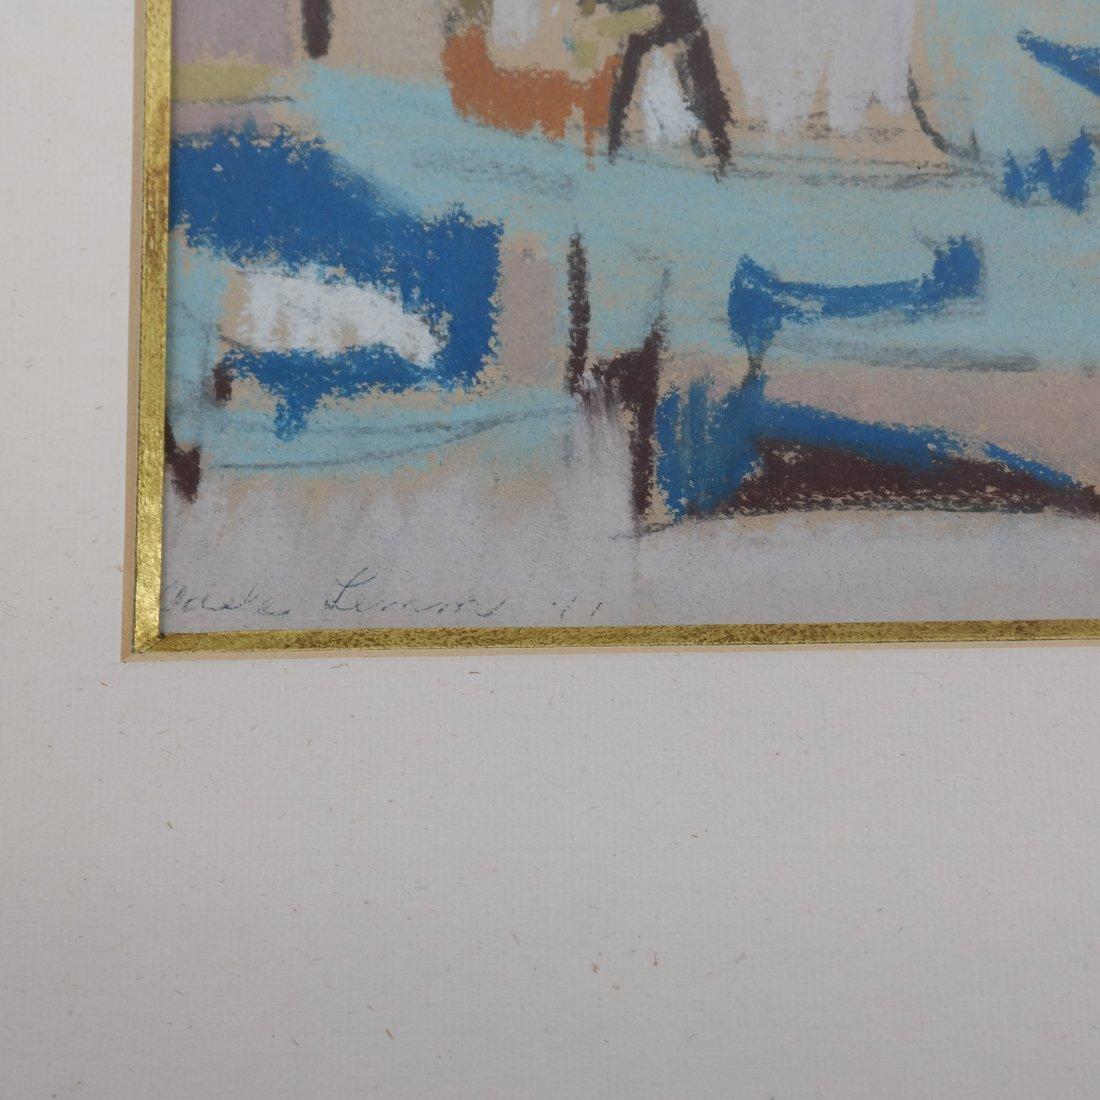 Framed Abstract Harbor Scene on Paper - 3